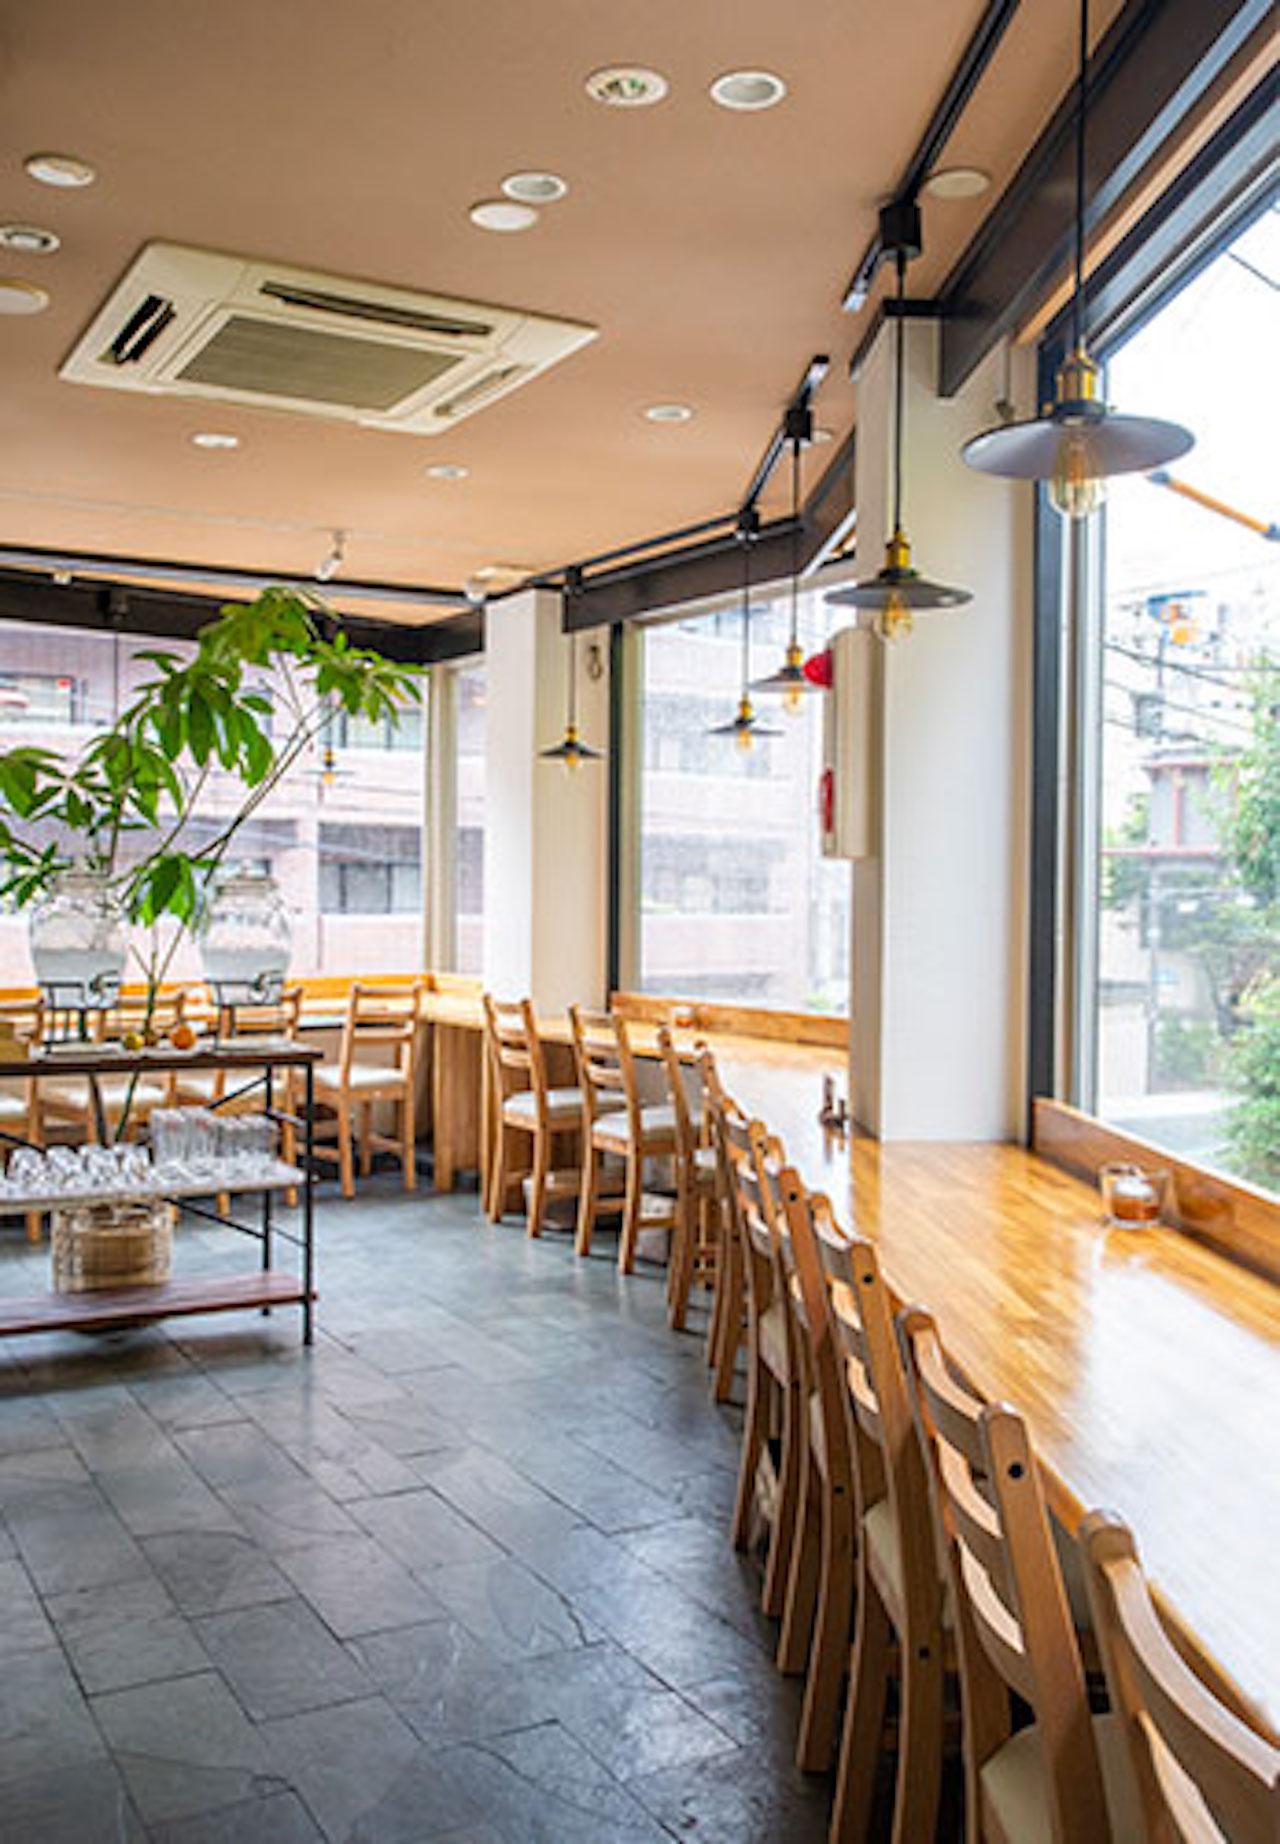 2Fは開放的な眺めが楽しめるカウンター席が中心。うどん屋さんというよりおしゃれなカフェのよう。3Fは落ち着くお座敷スタイル